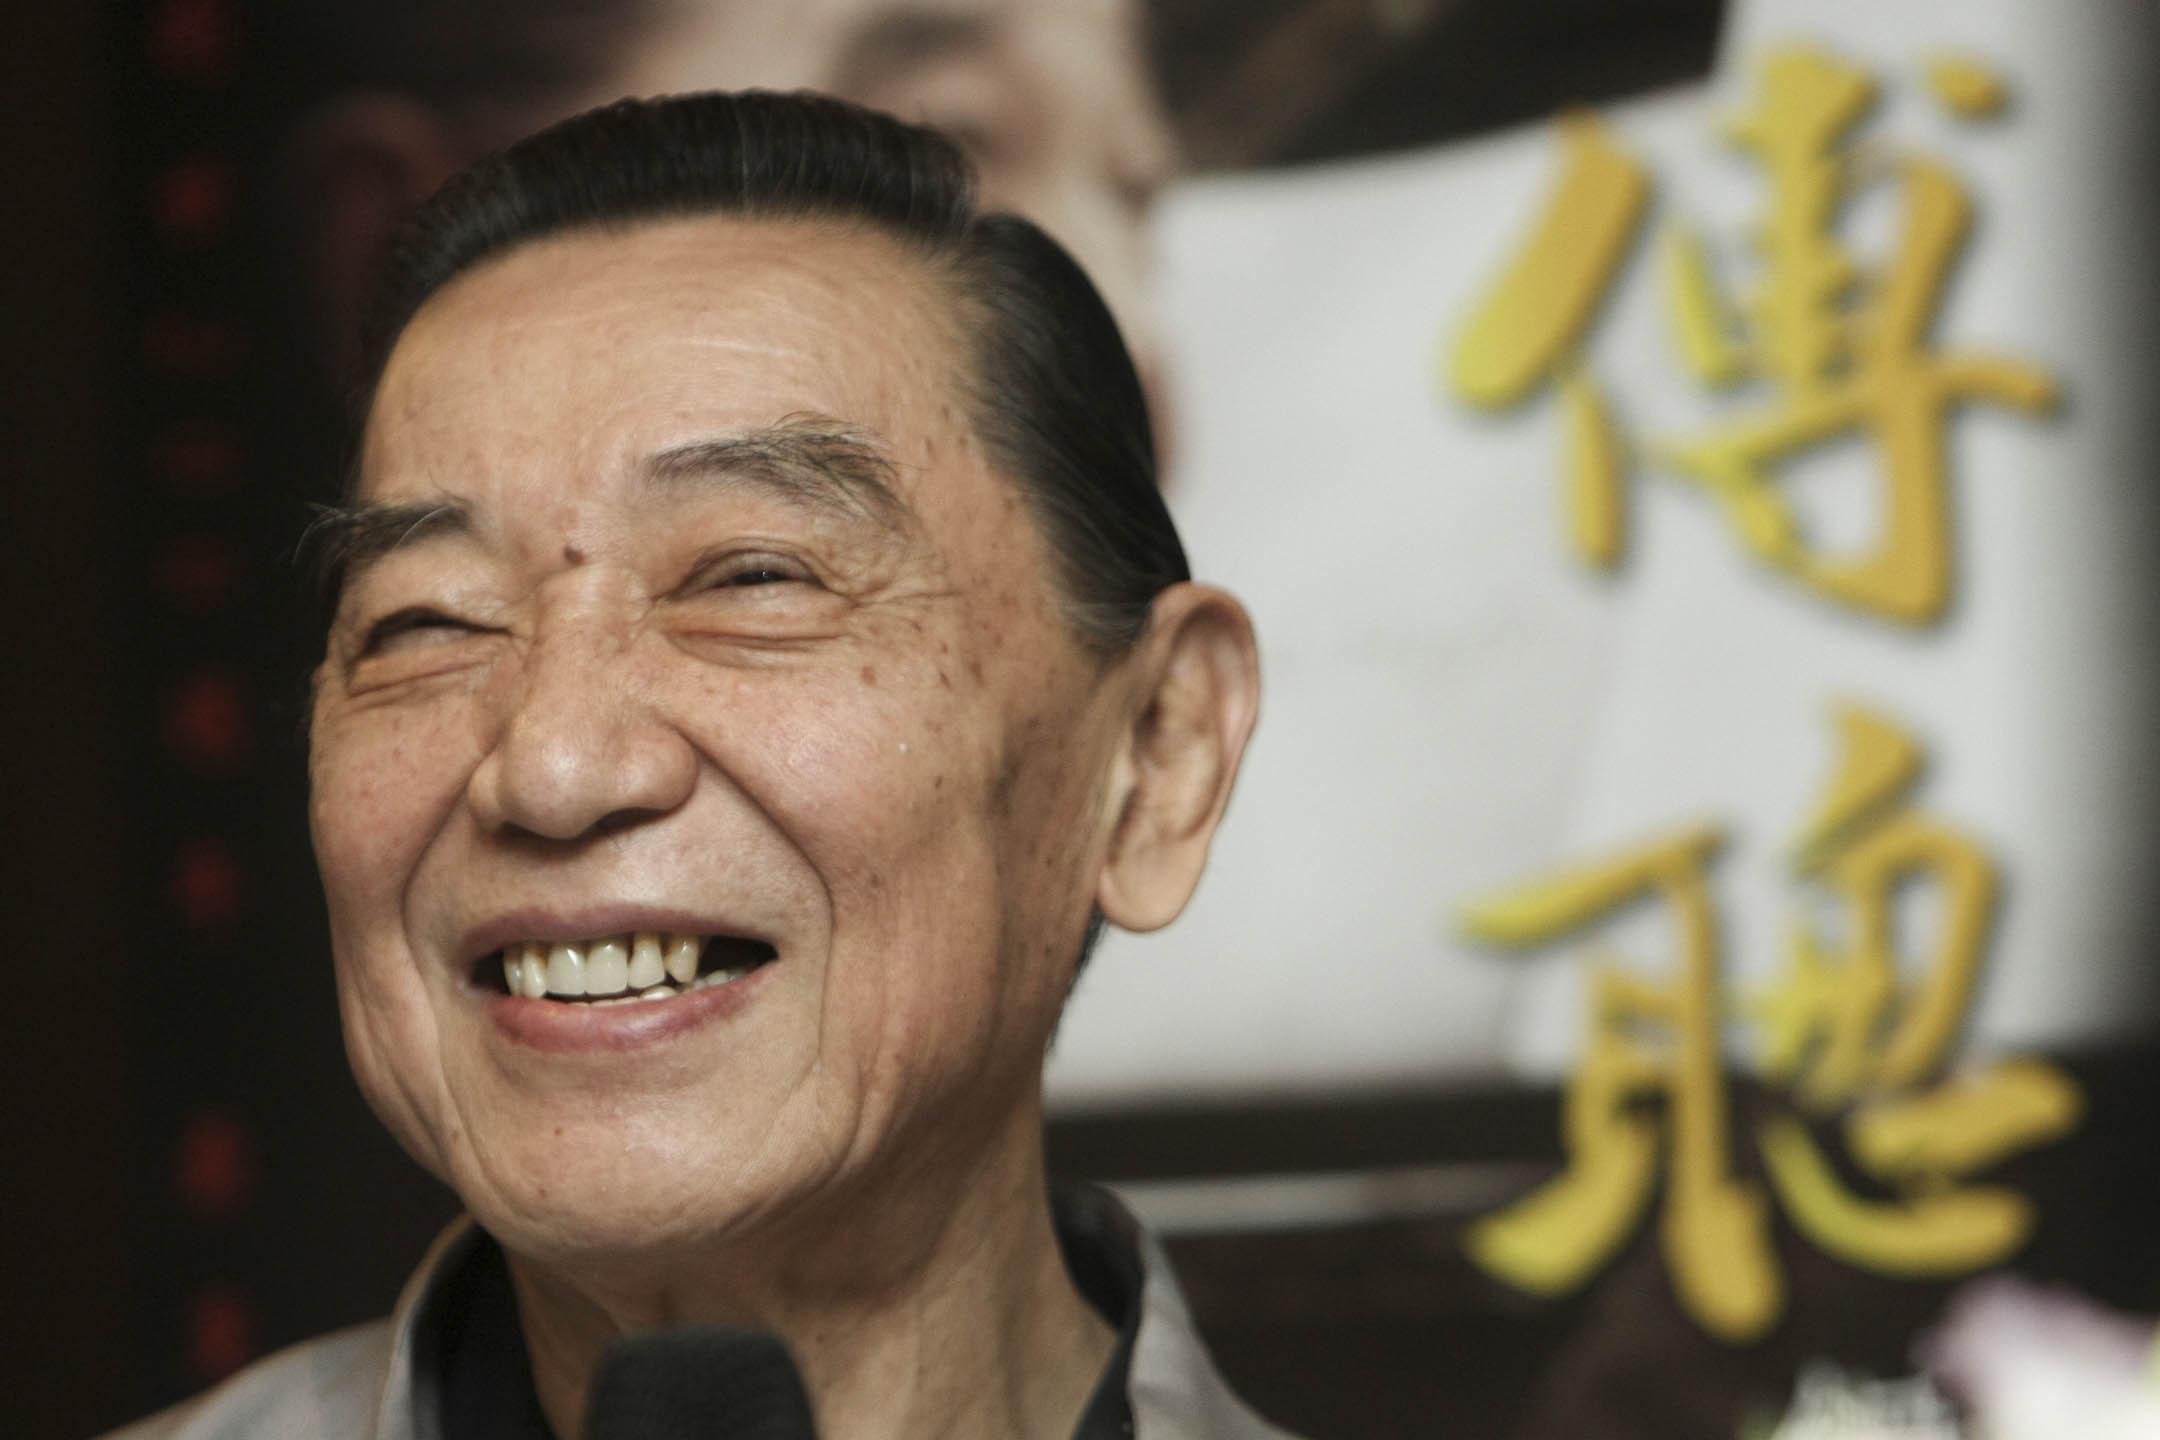 華人鋼琴家傅聰因感染2019冠狀病毒於當地時間12月28日在英國逝世,終年86歲。圖為2009年10月2日,傅聰在台北舉行的鋼琴演奏會記者會上。  攝:Unioncom/VCG via Getty Images